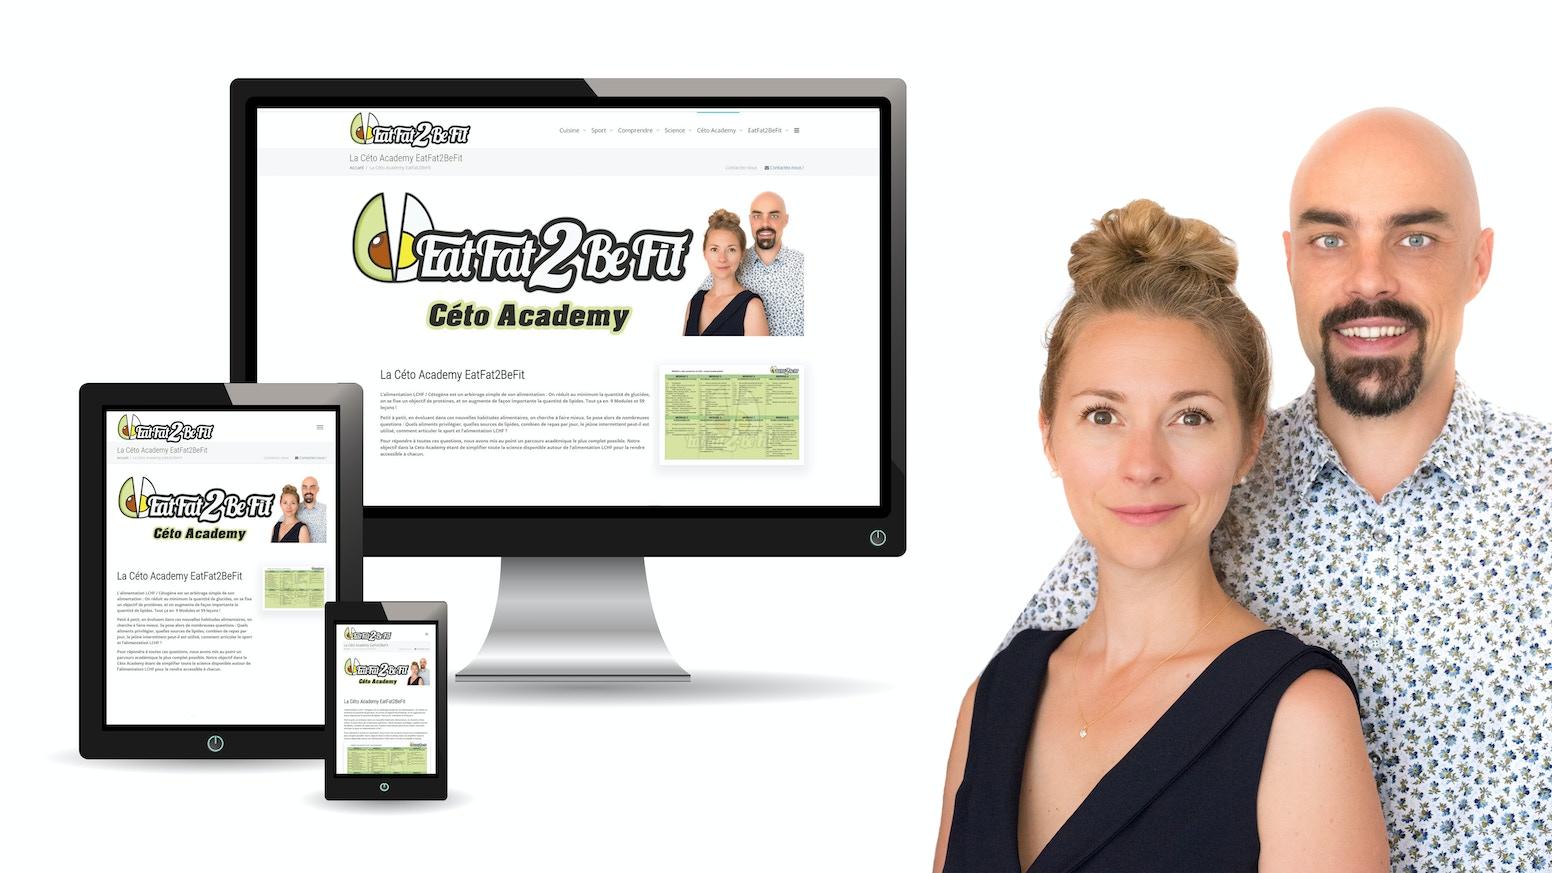 Devenez membre du site internet #LCHF made in France, découvrez son parcours pédagogique unique et rejoignez la communauté EatFat2BeFit